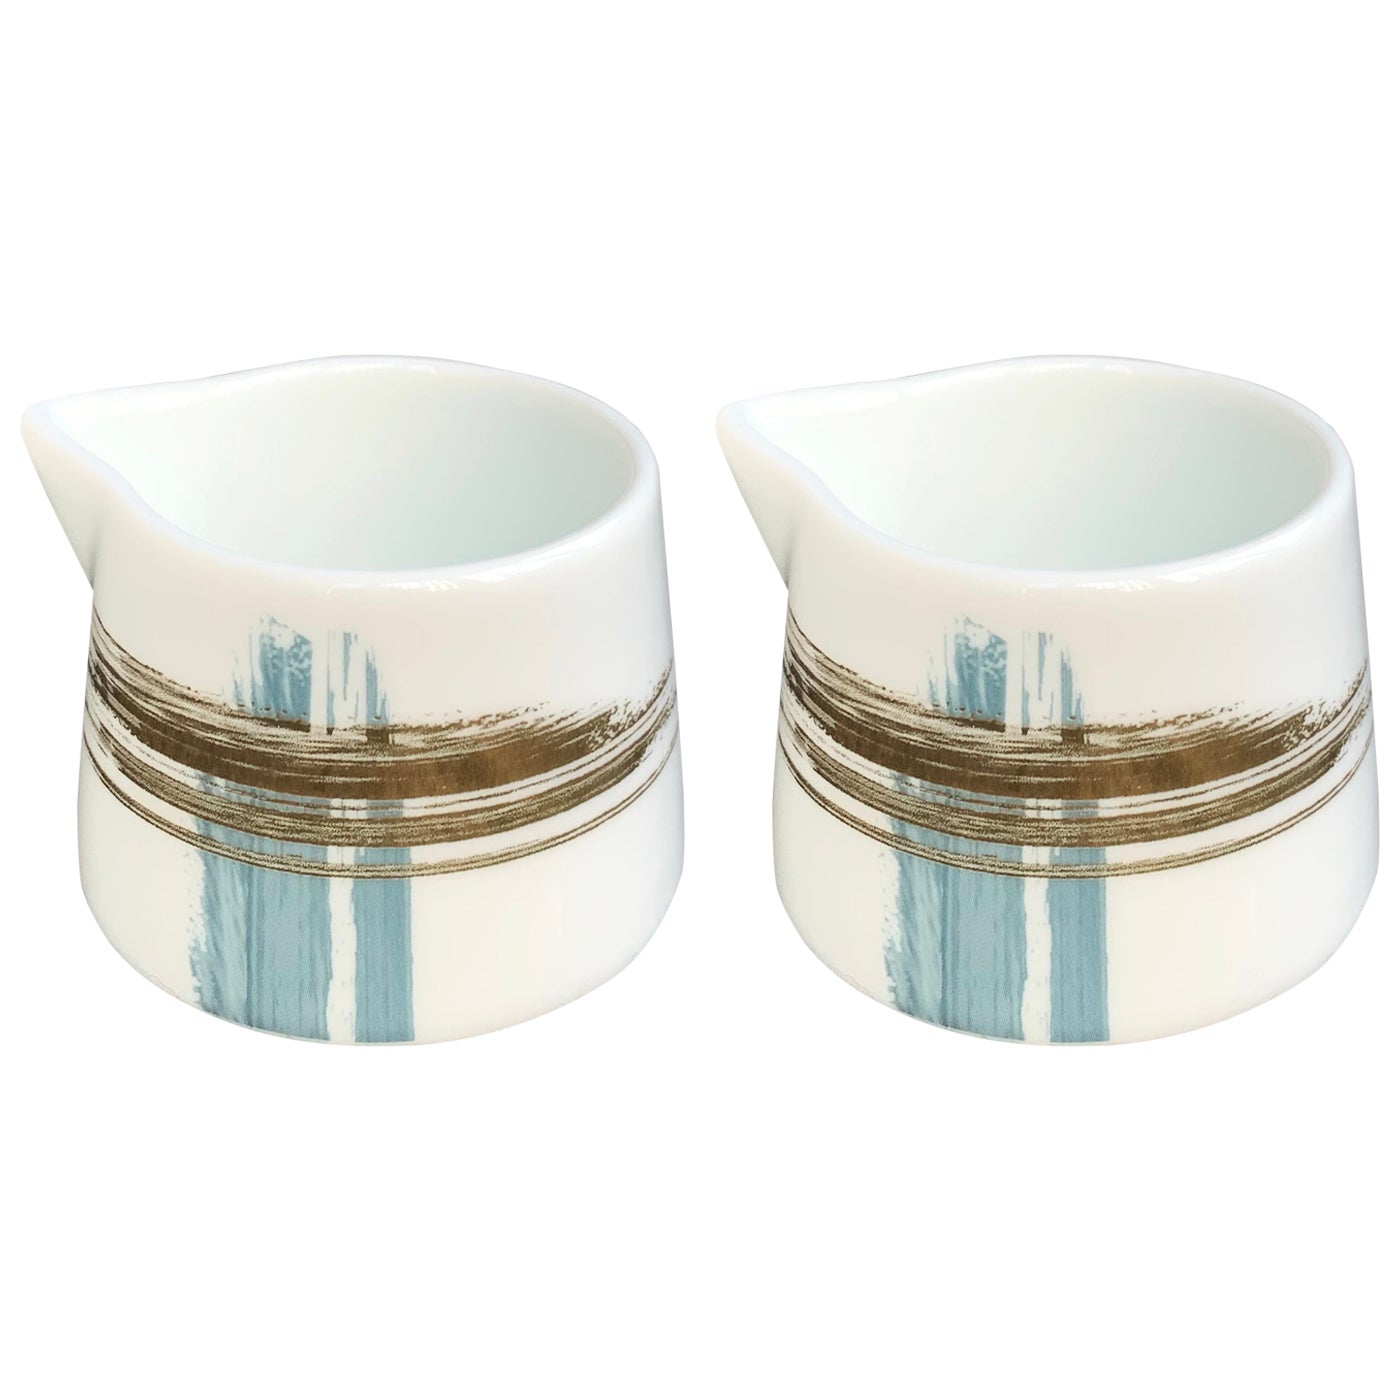 Set of 2 Creamer Artisan Brush André Fu Living Tableware New